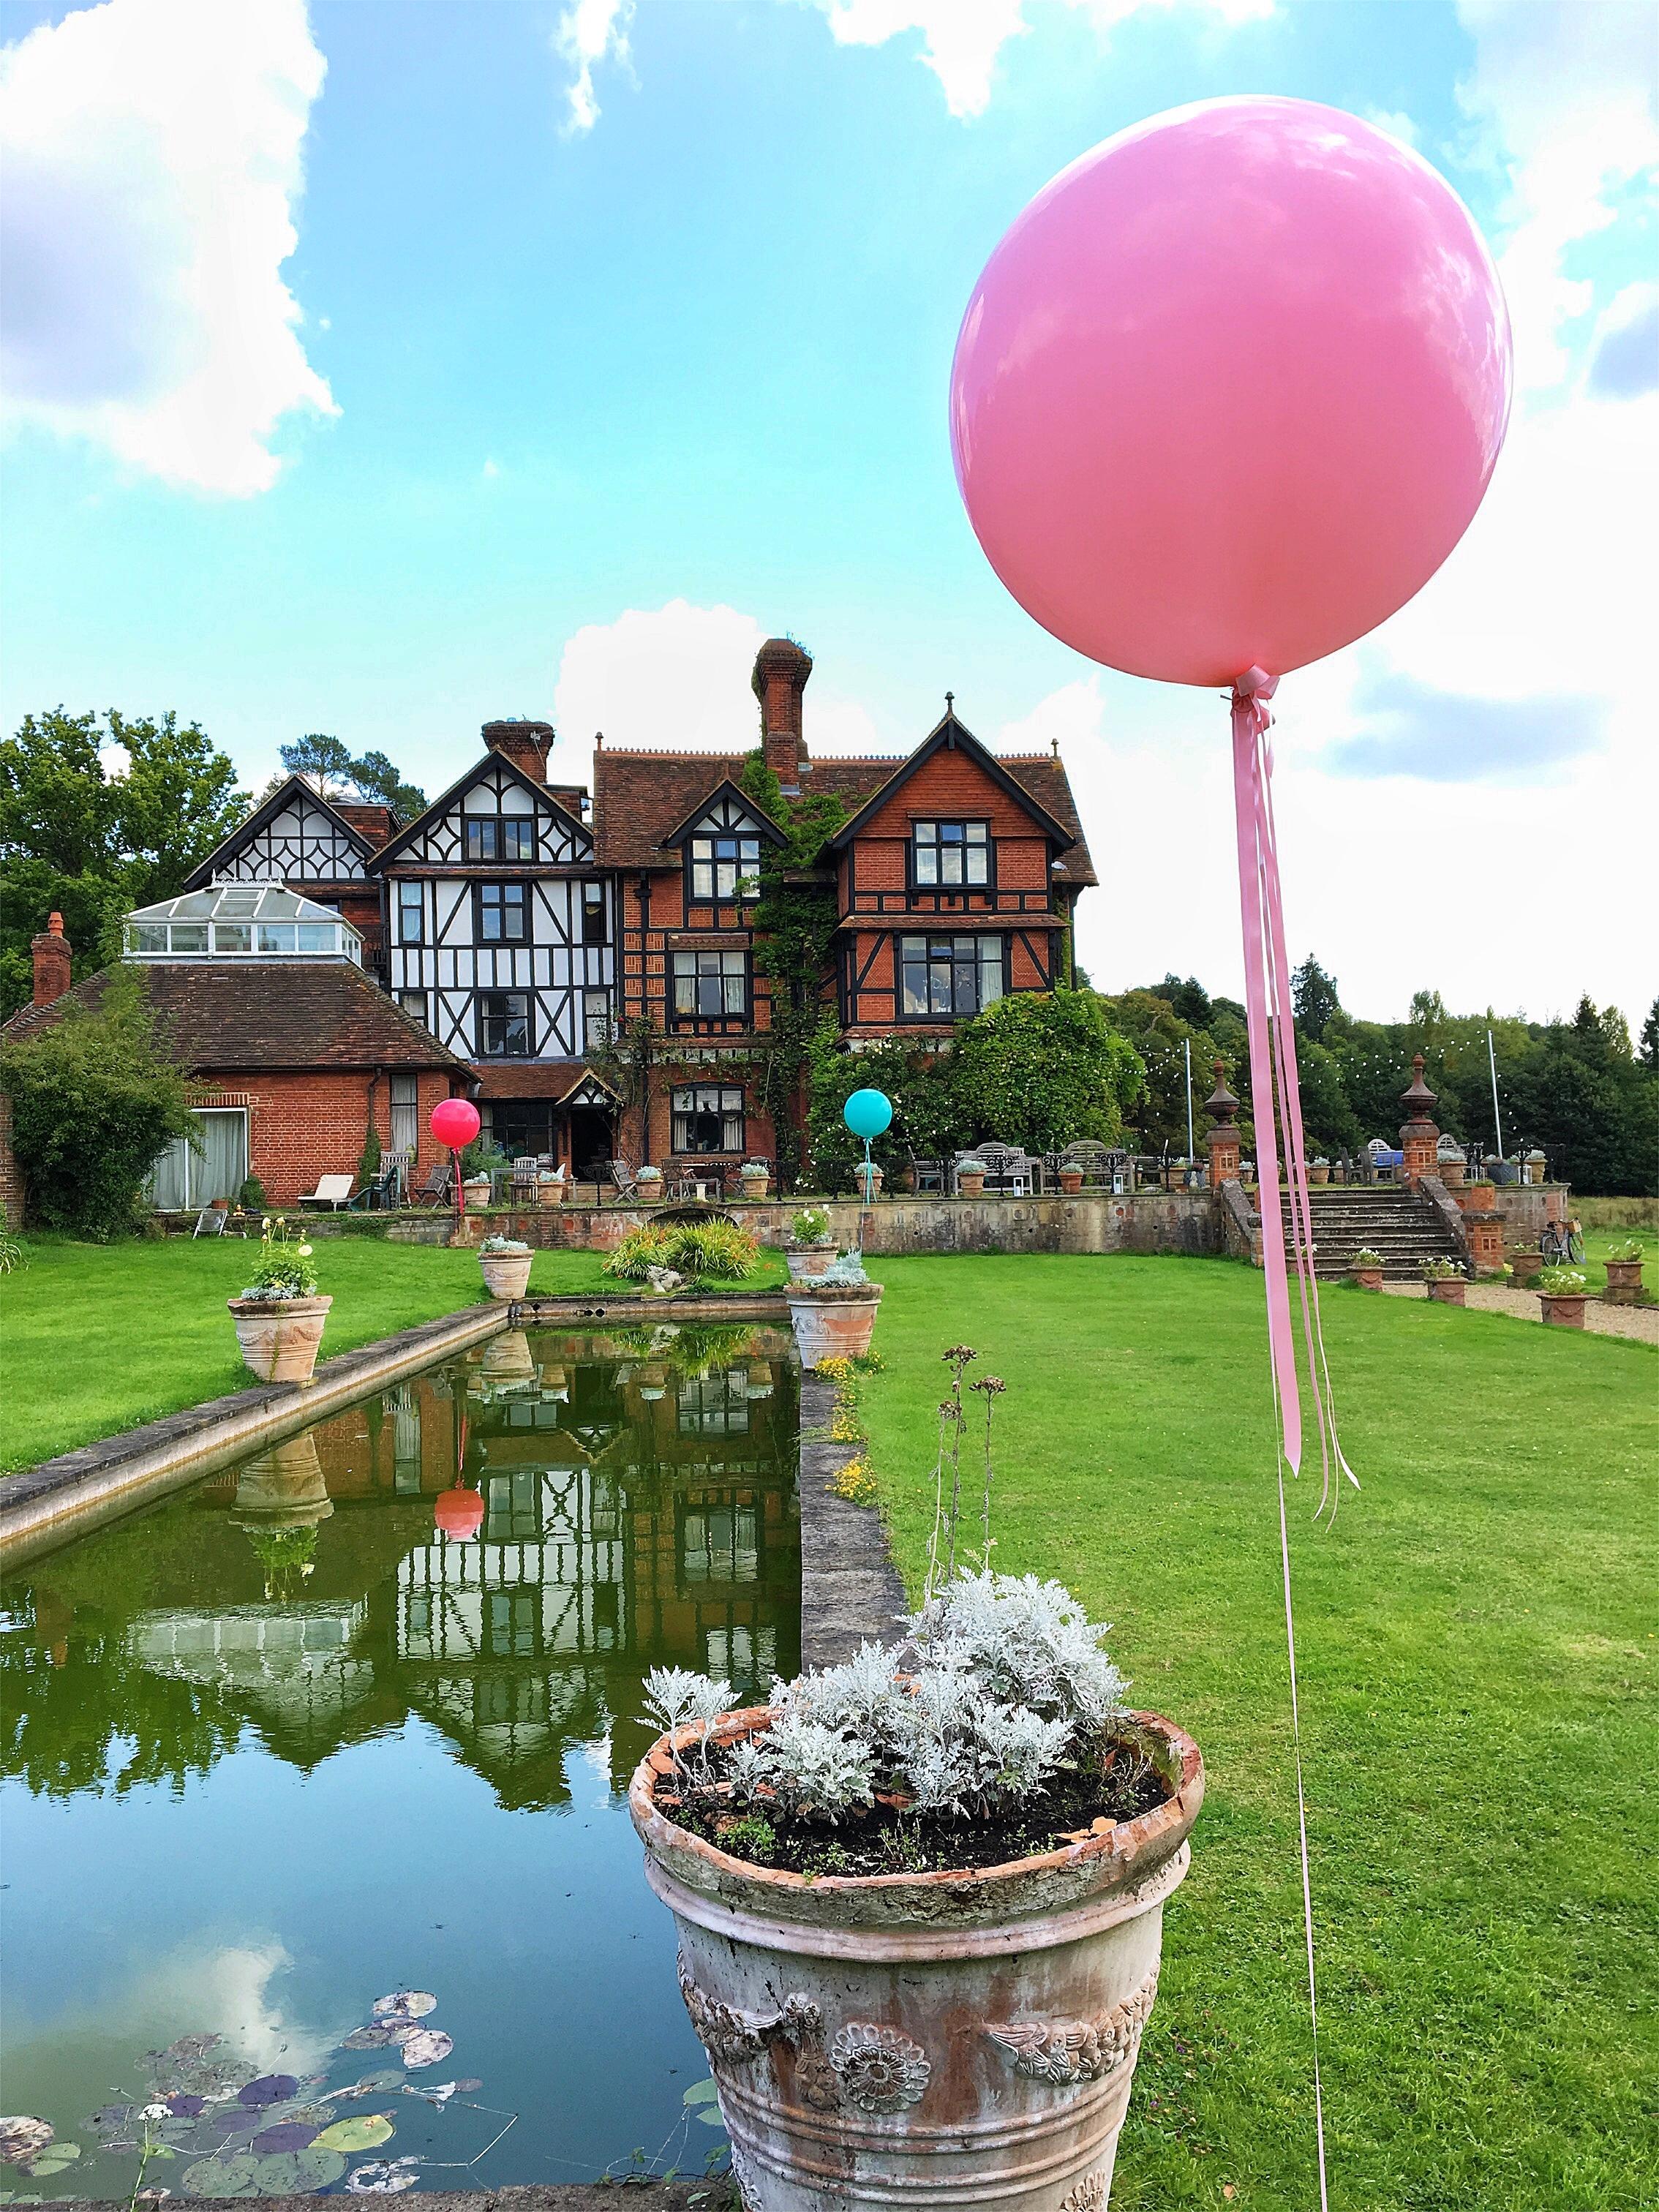 Giant Balloon Pond